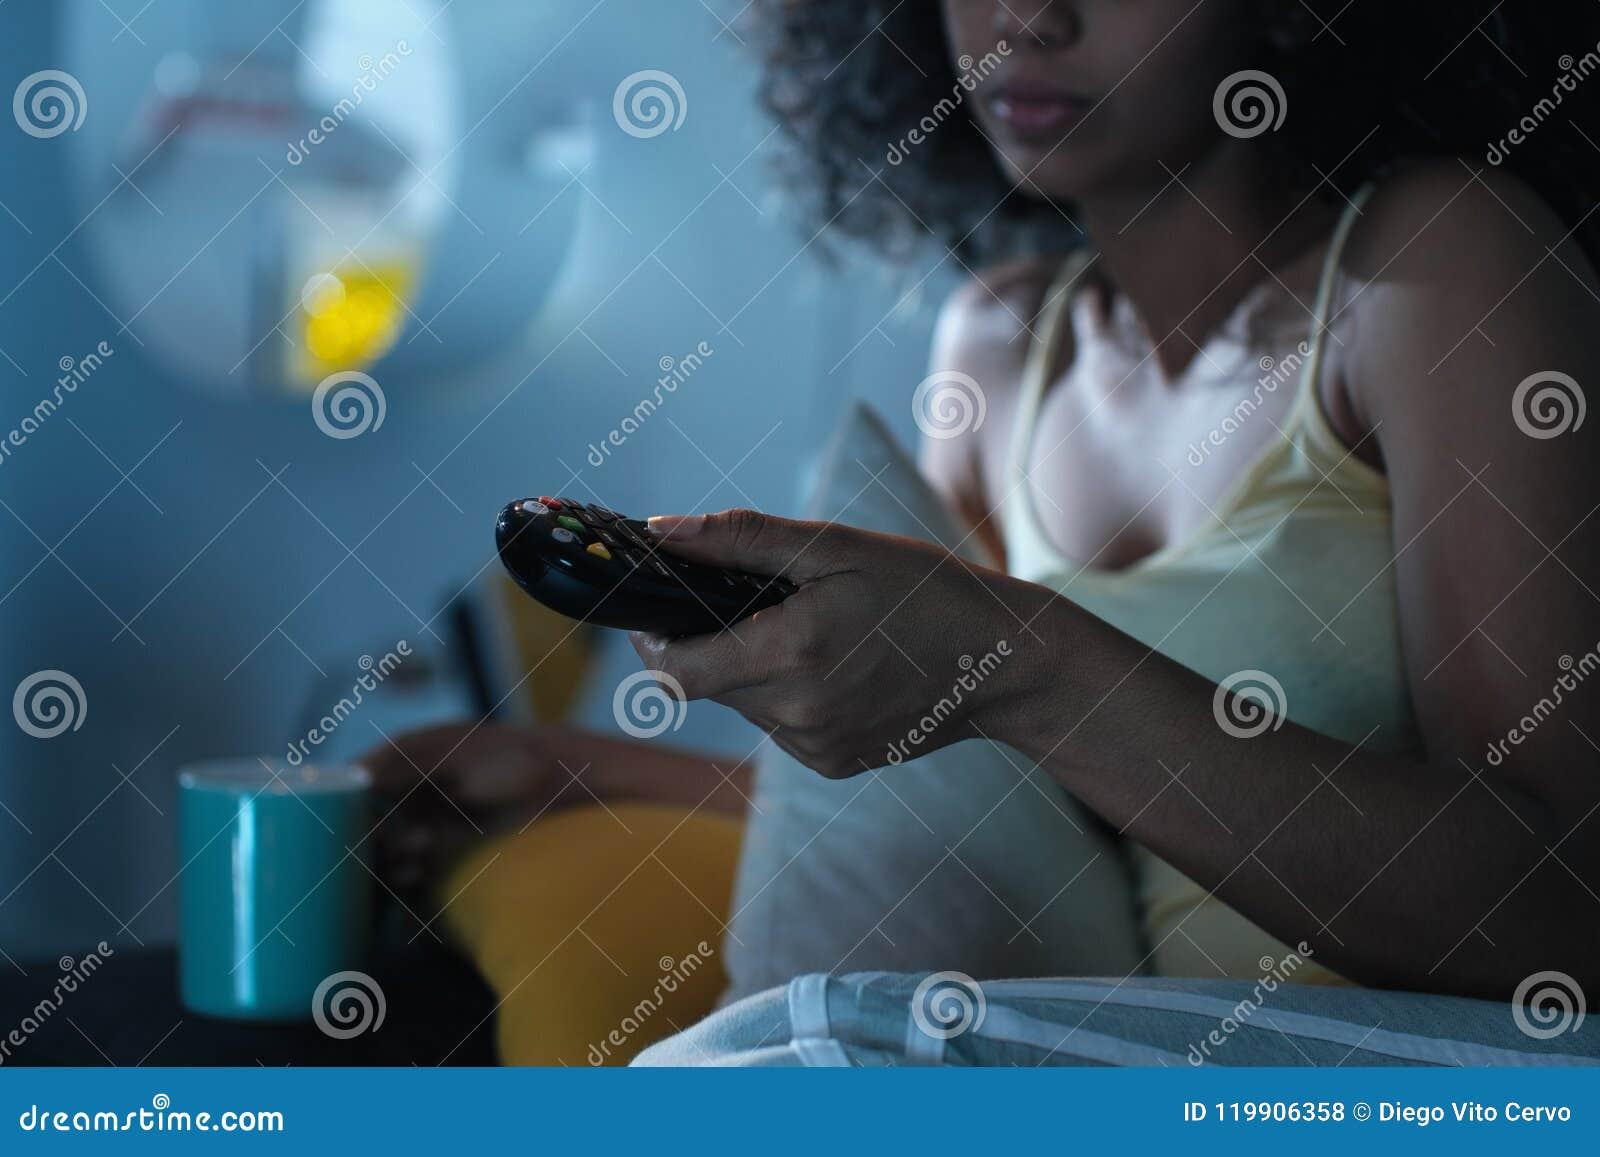 Canal de televisão em mudança da mulher negra com o telecontrole na noite